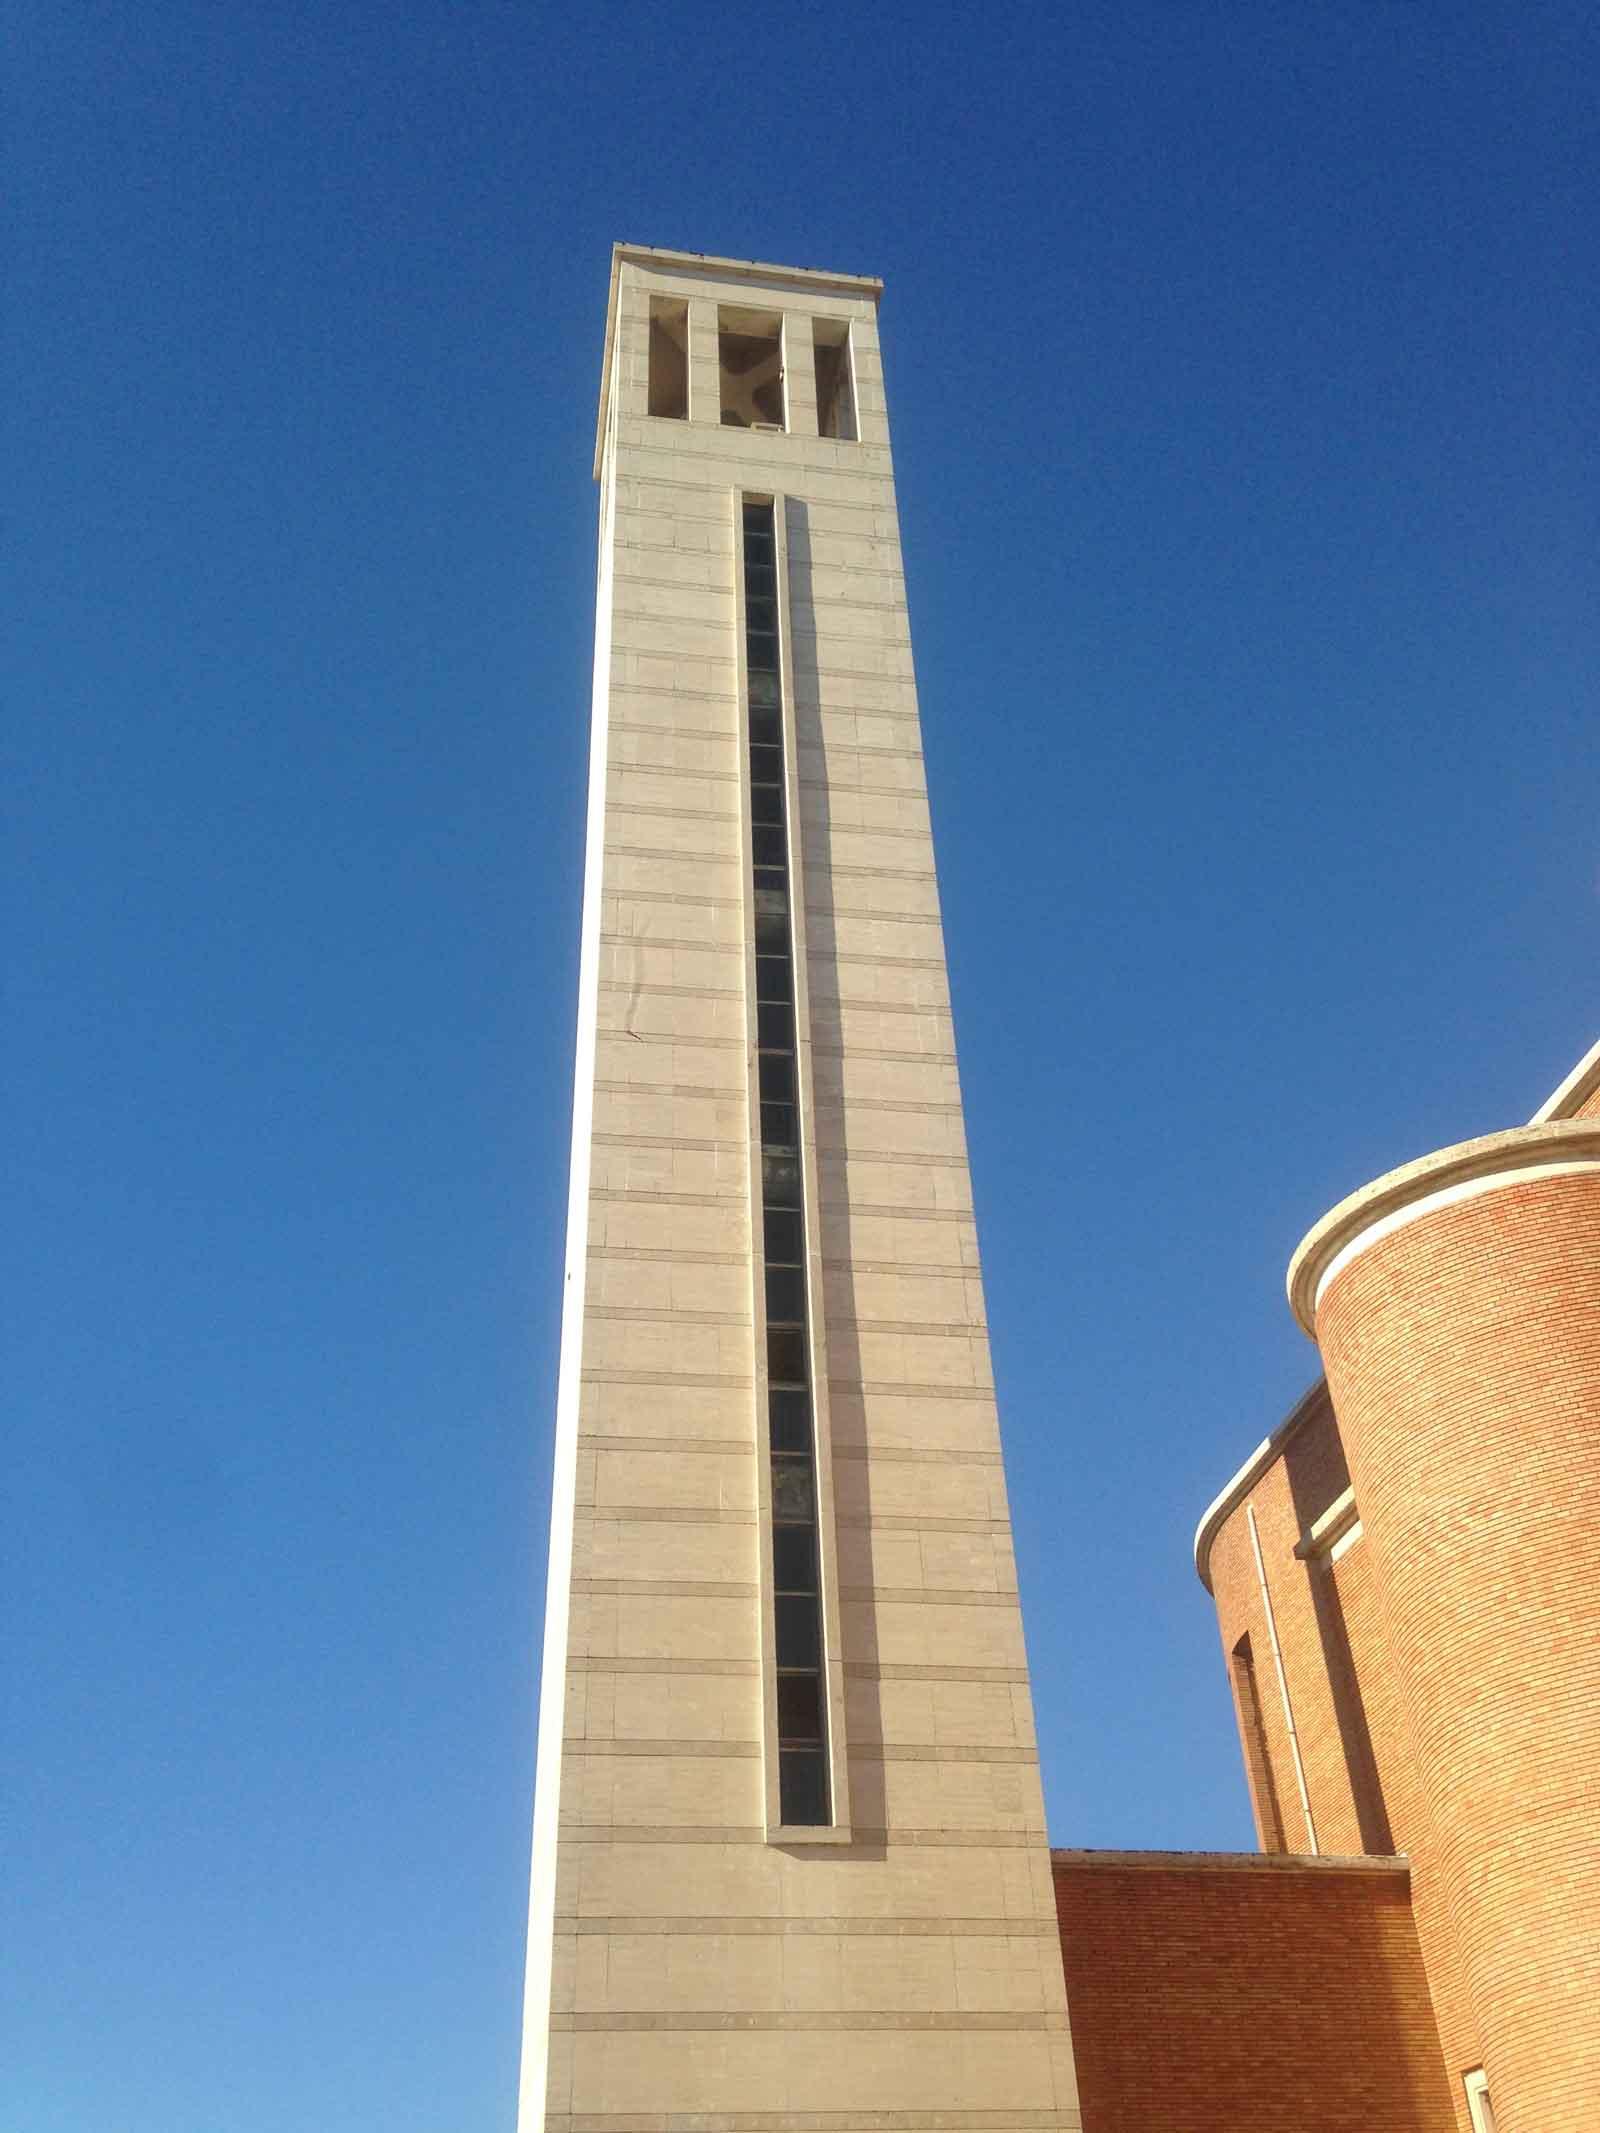 Campanile - Chiesa SS.Annunziata